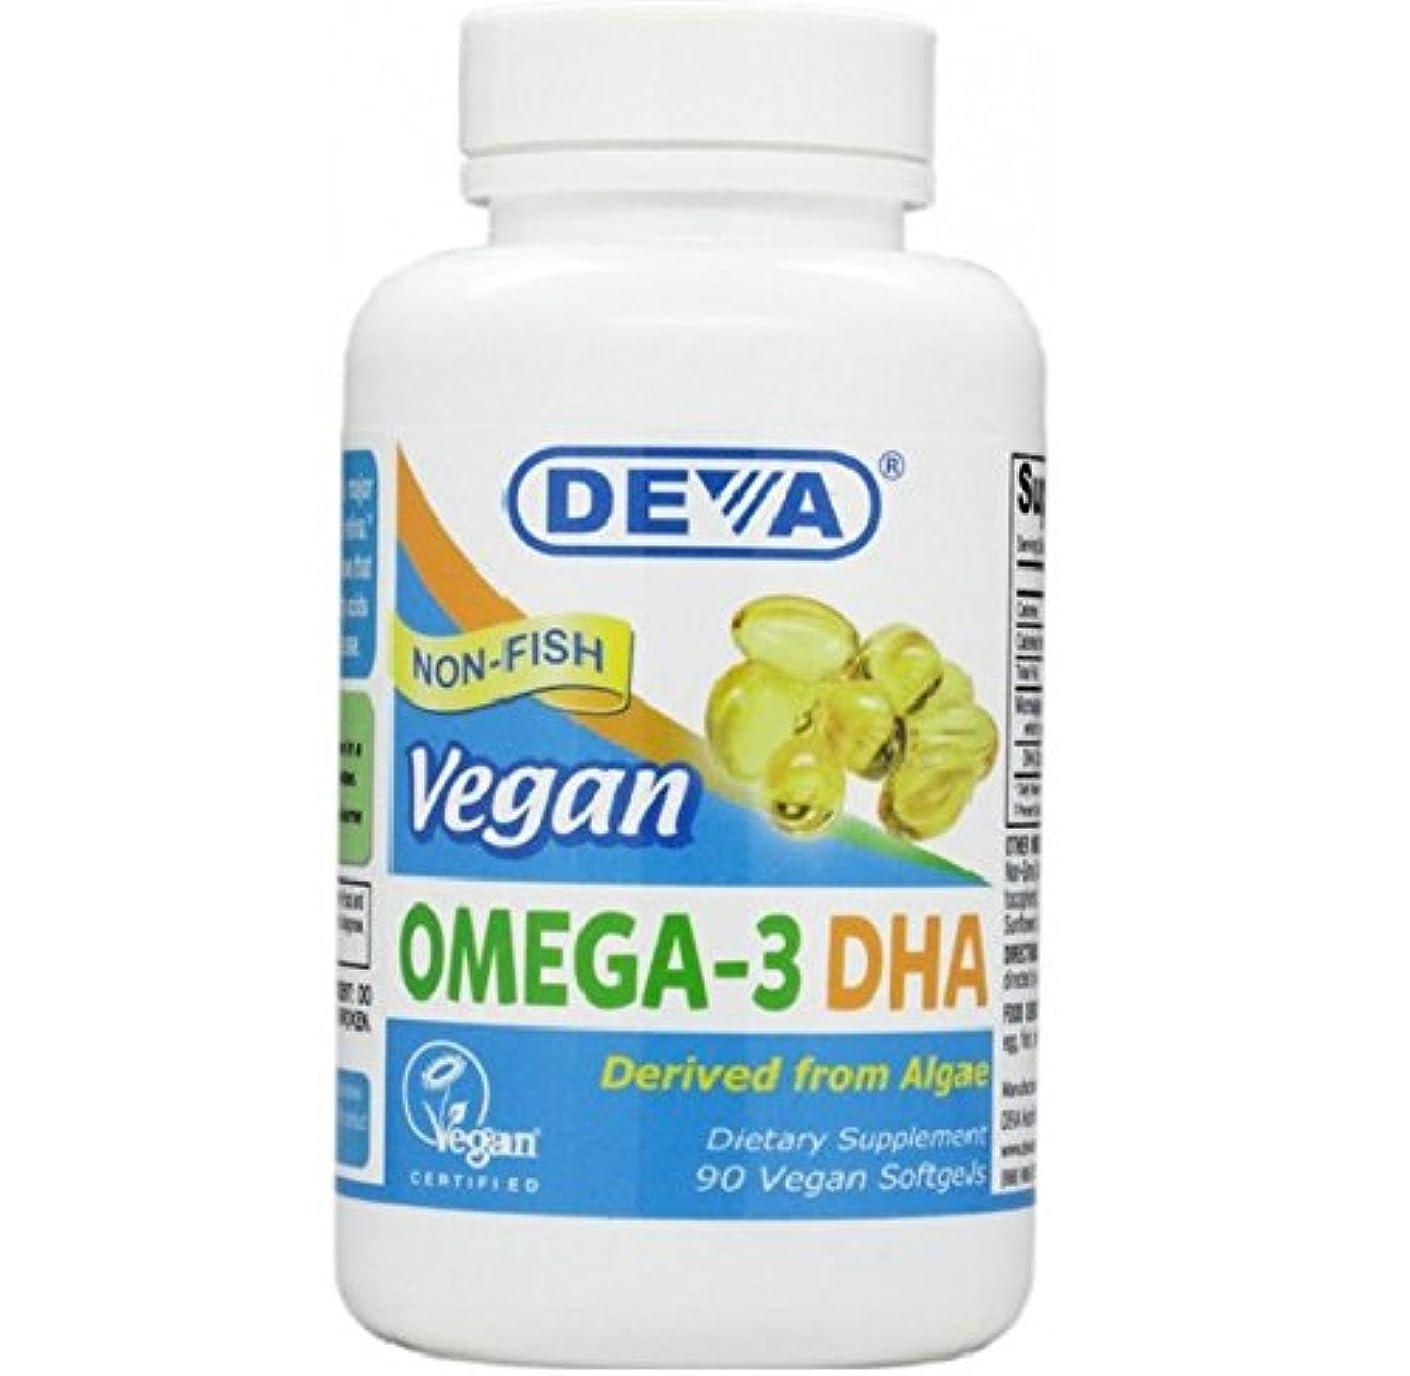 休み晩ごはん多数の海外直送肘 Omega-3 DHA, 90 SGEL